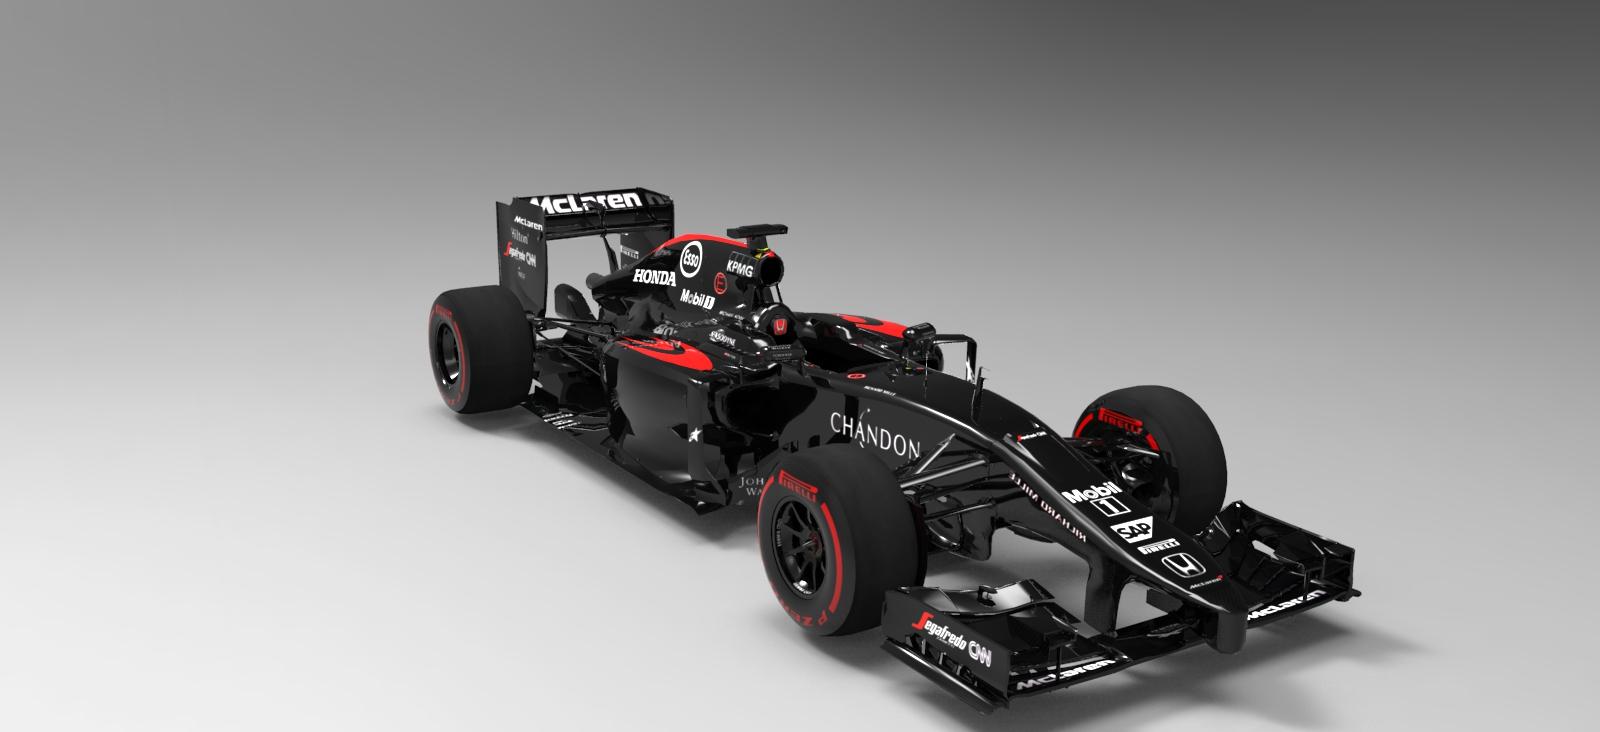 McLaren Honda.3.jpg